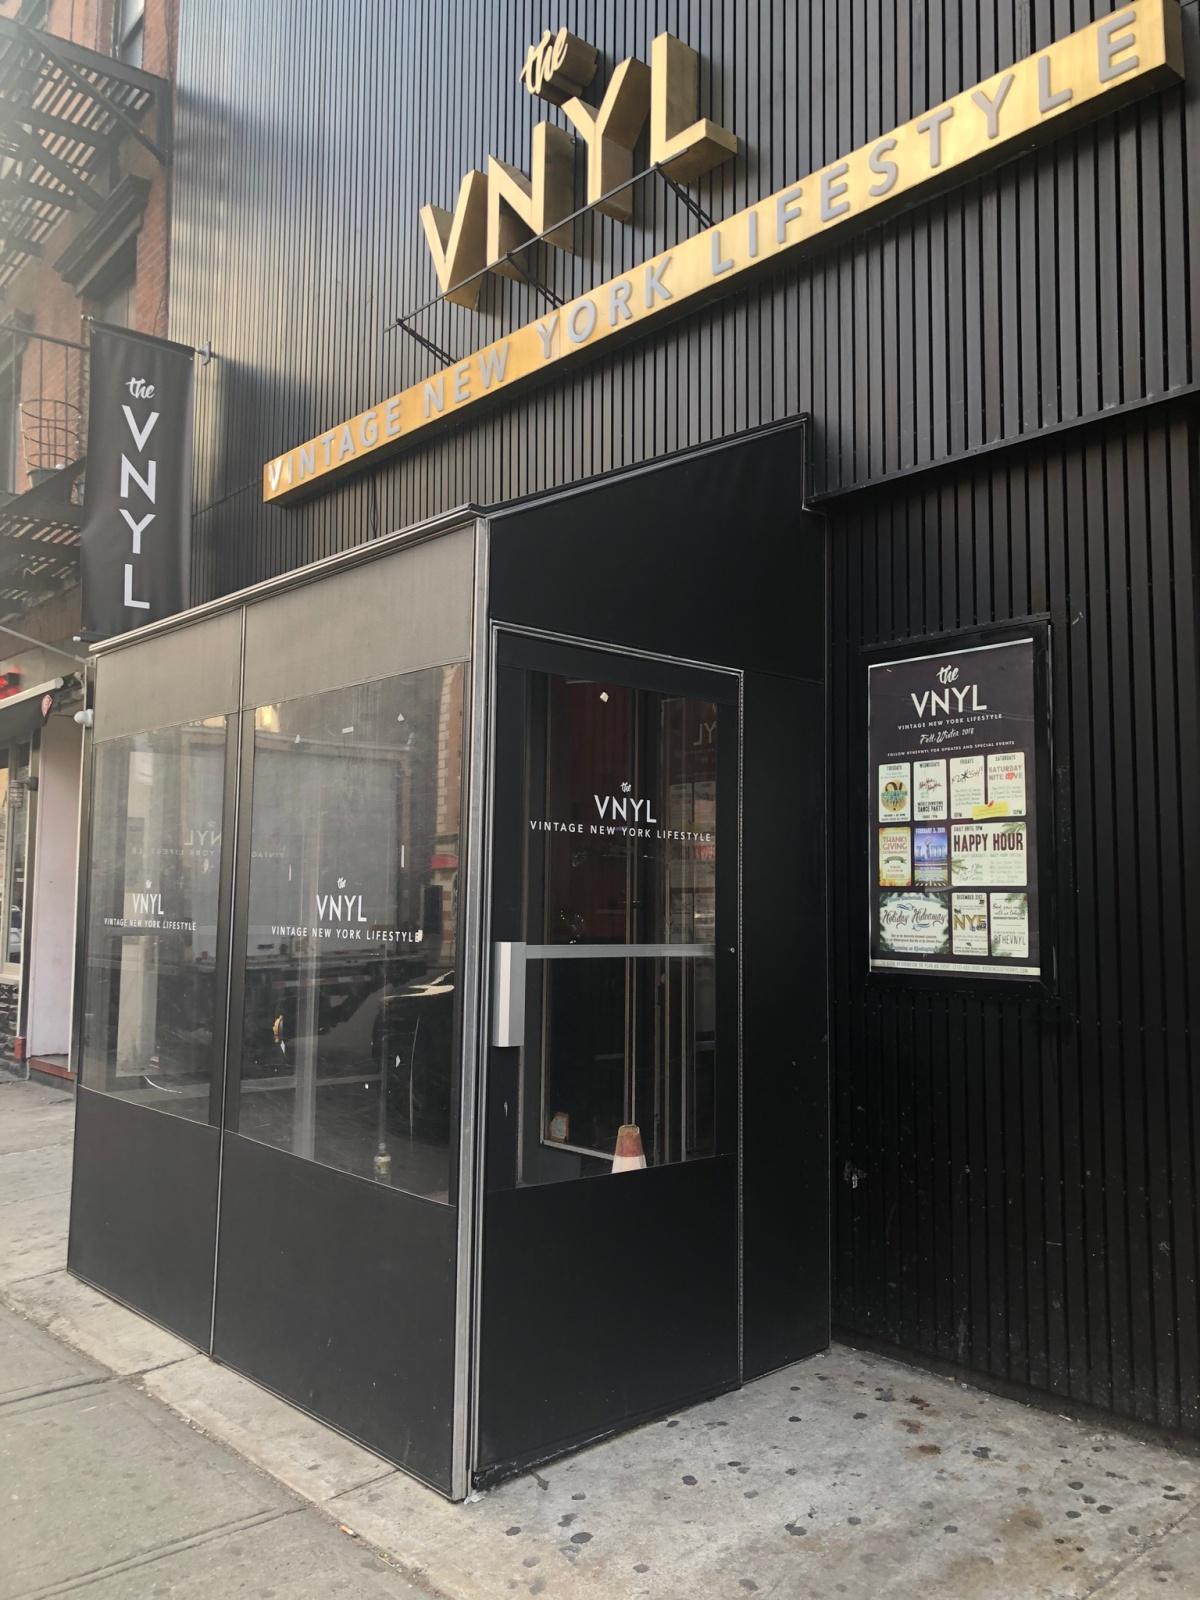 the VYNL event venue